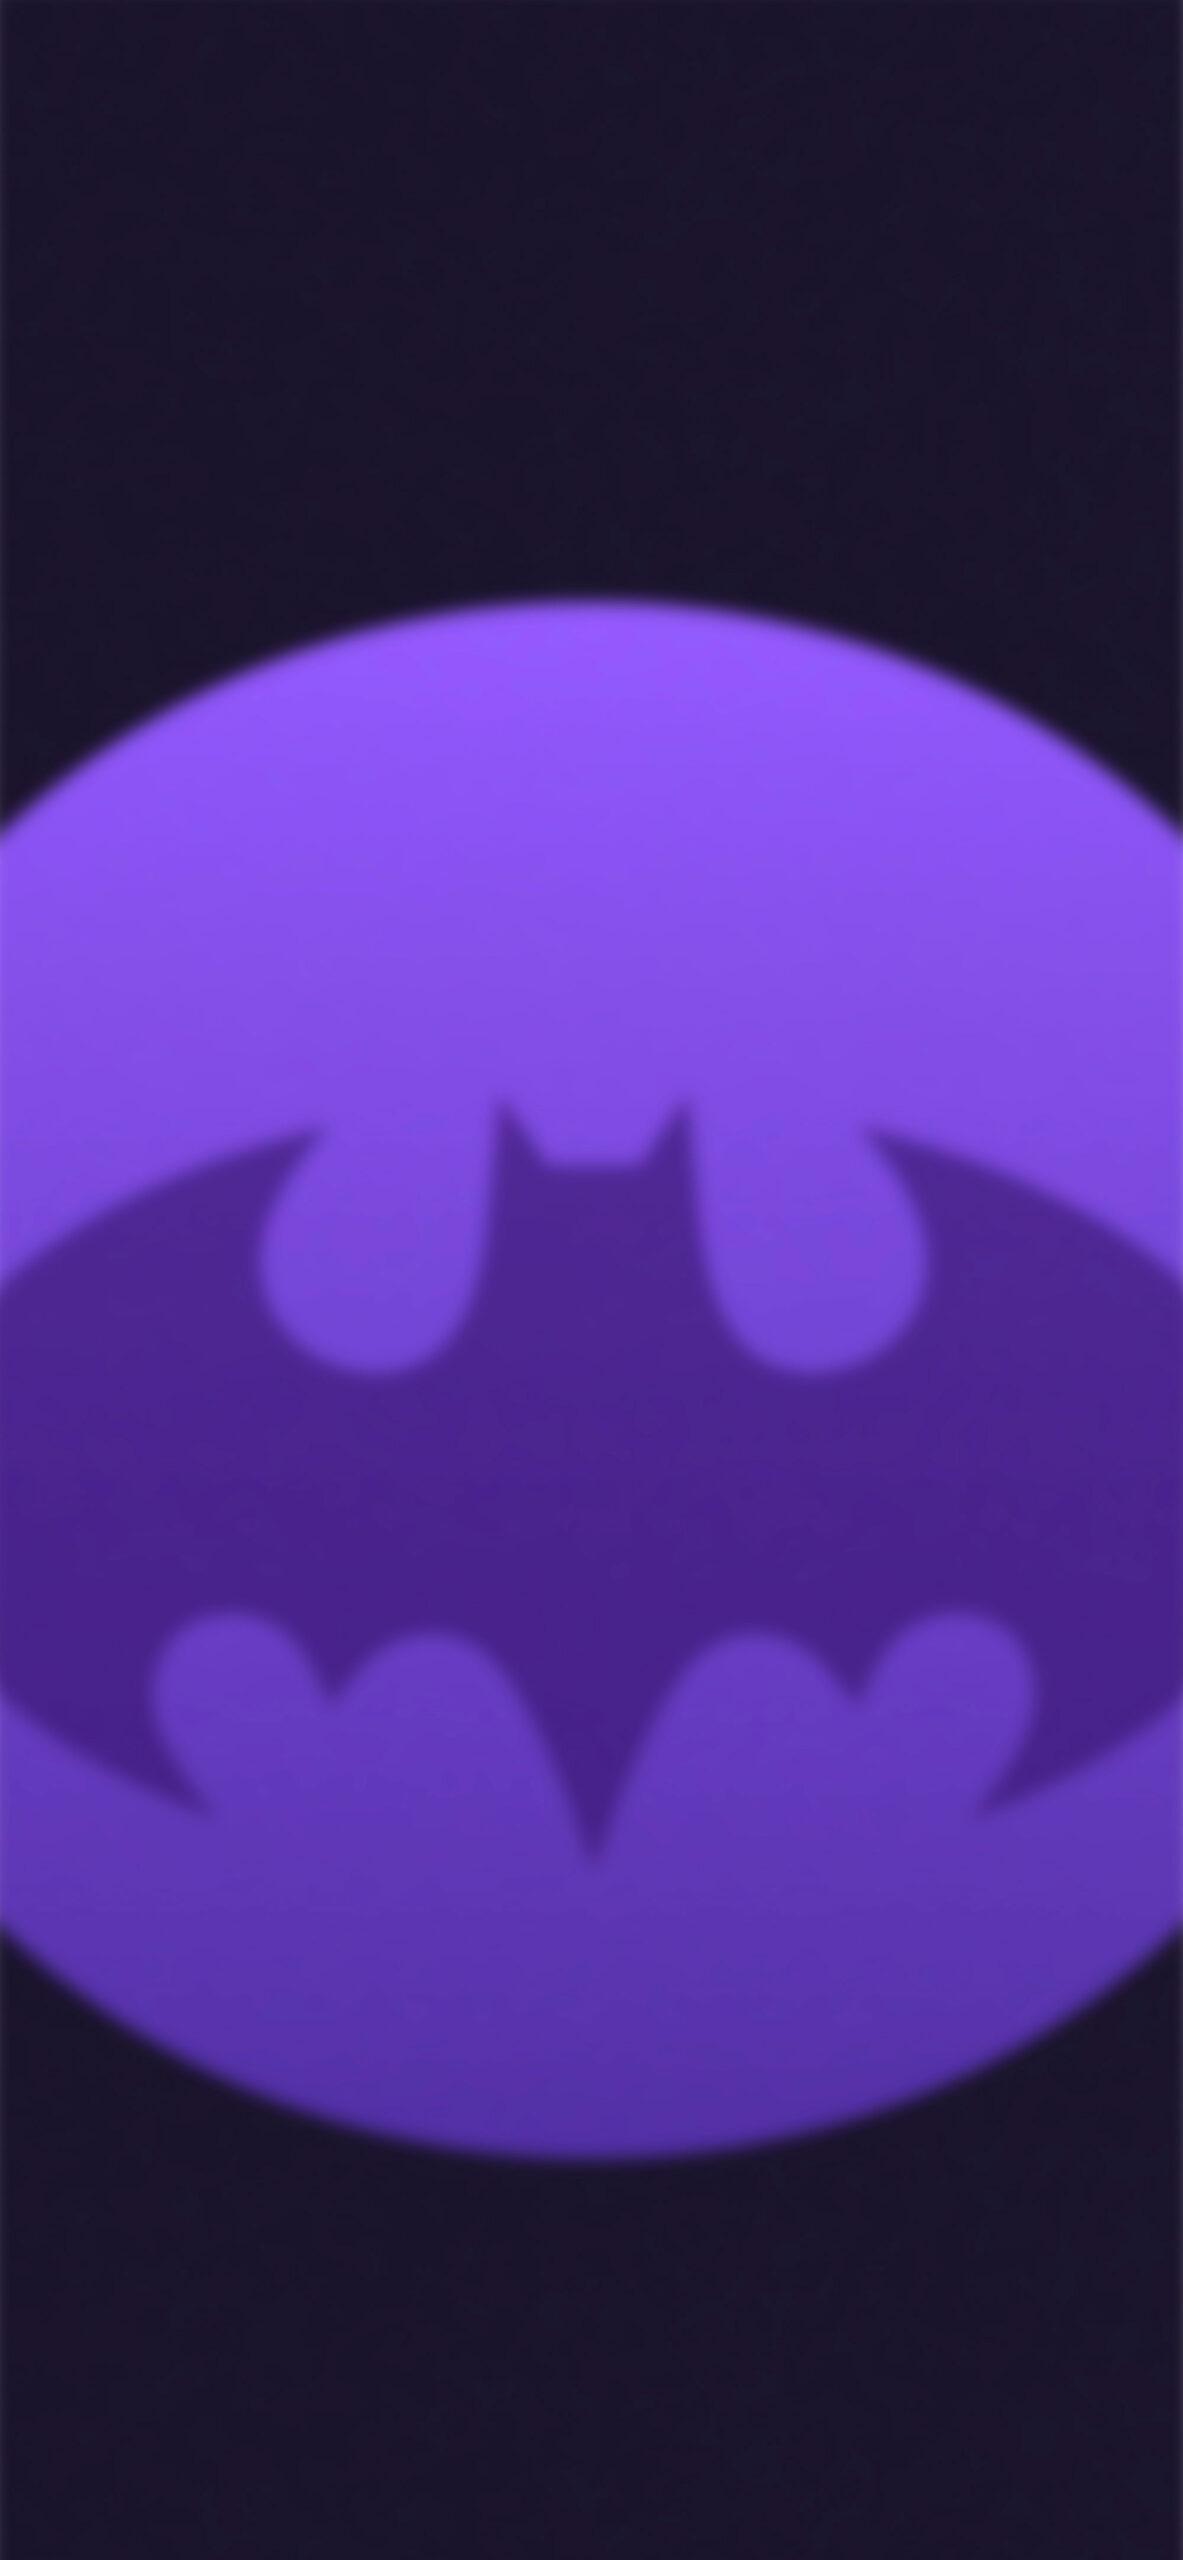 batman dark purple blur background